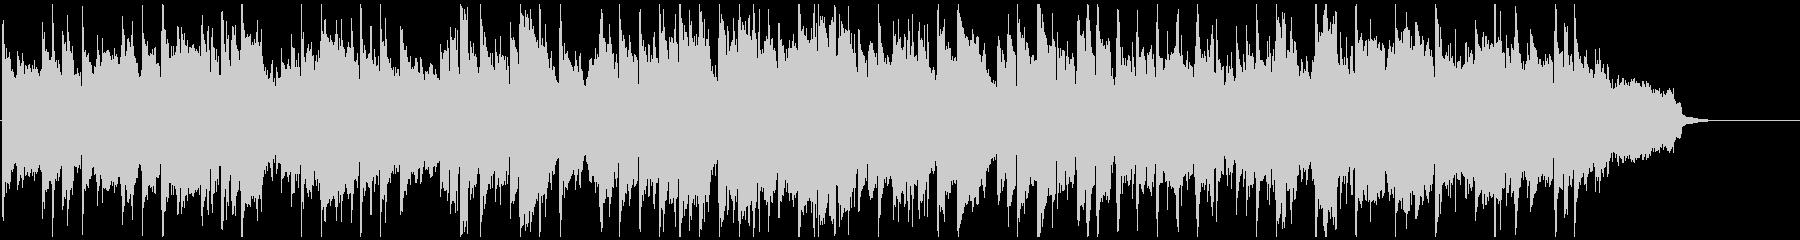 キラキラしたエピローグ的なリコーダー曲の未再生の波形